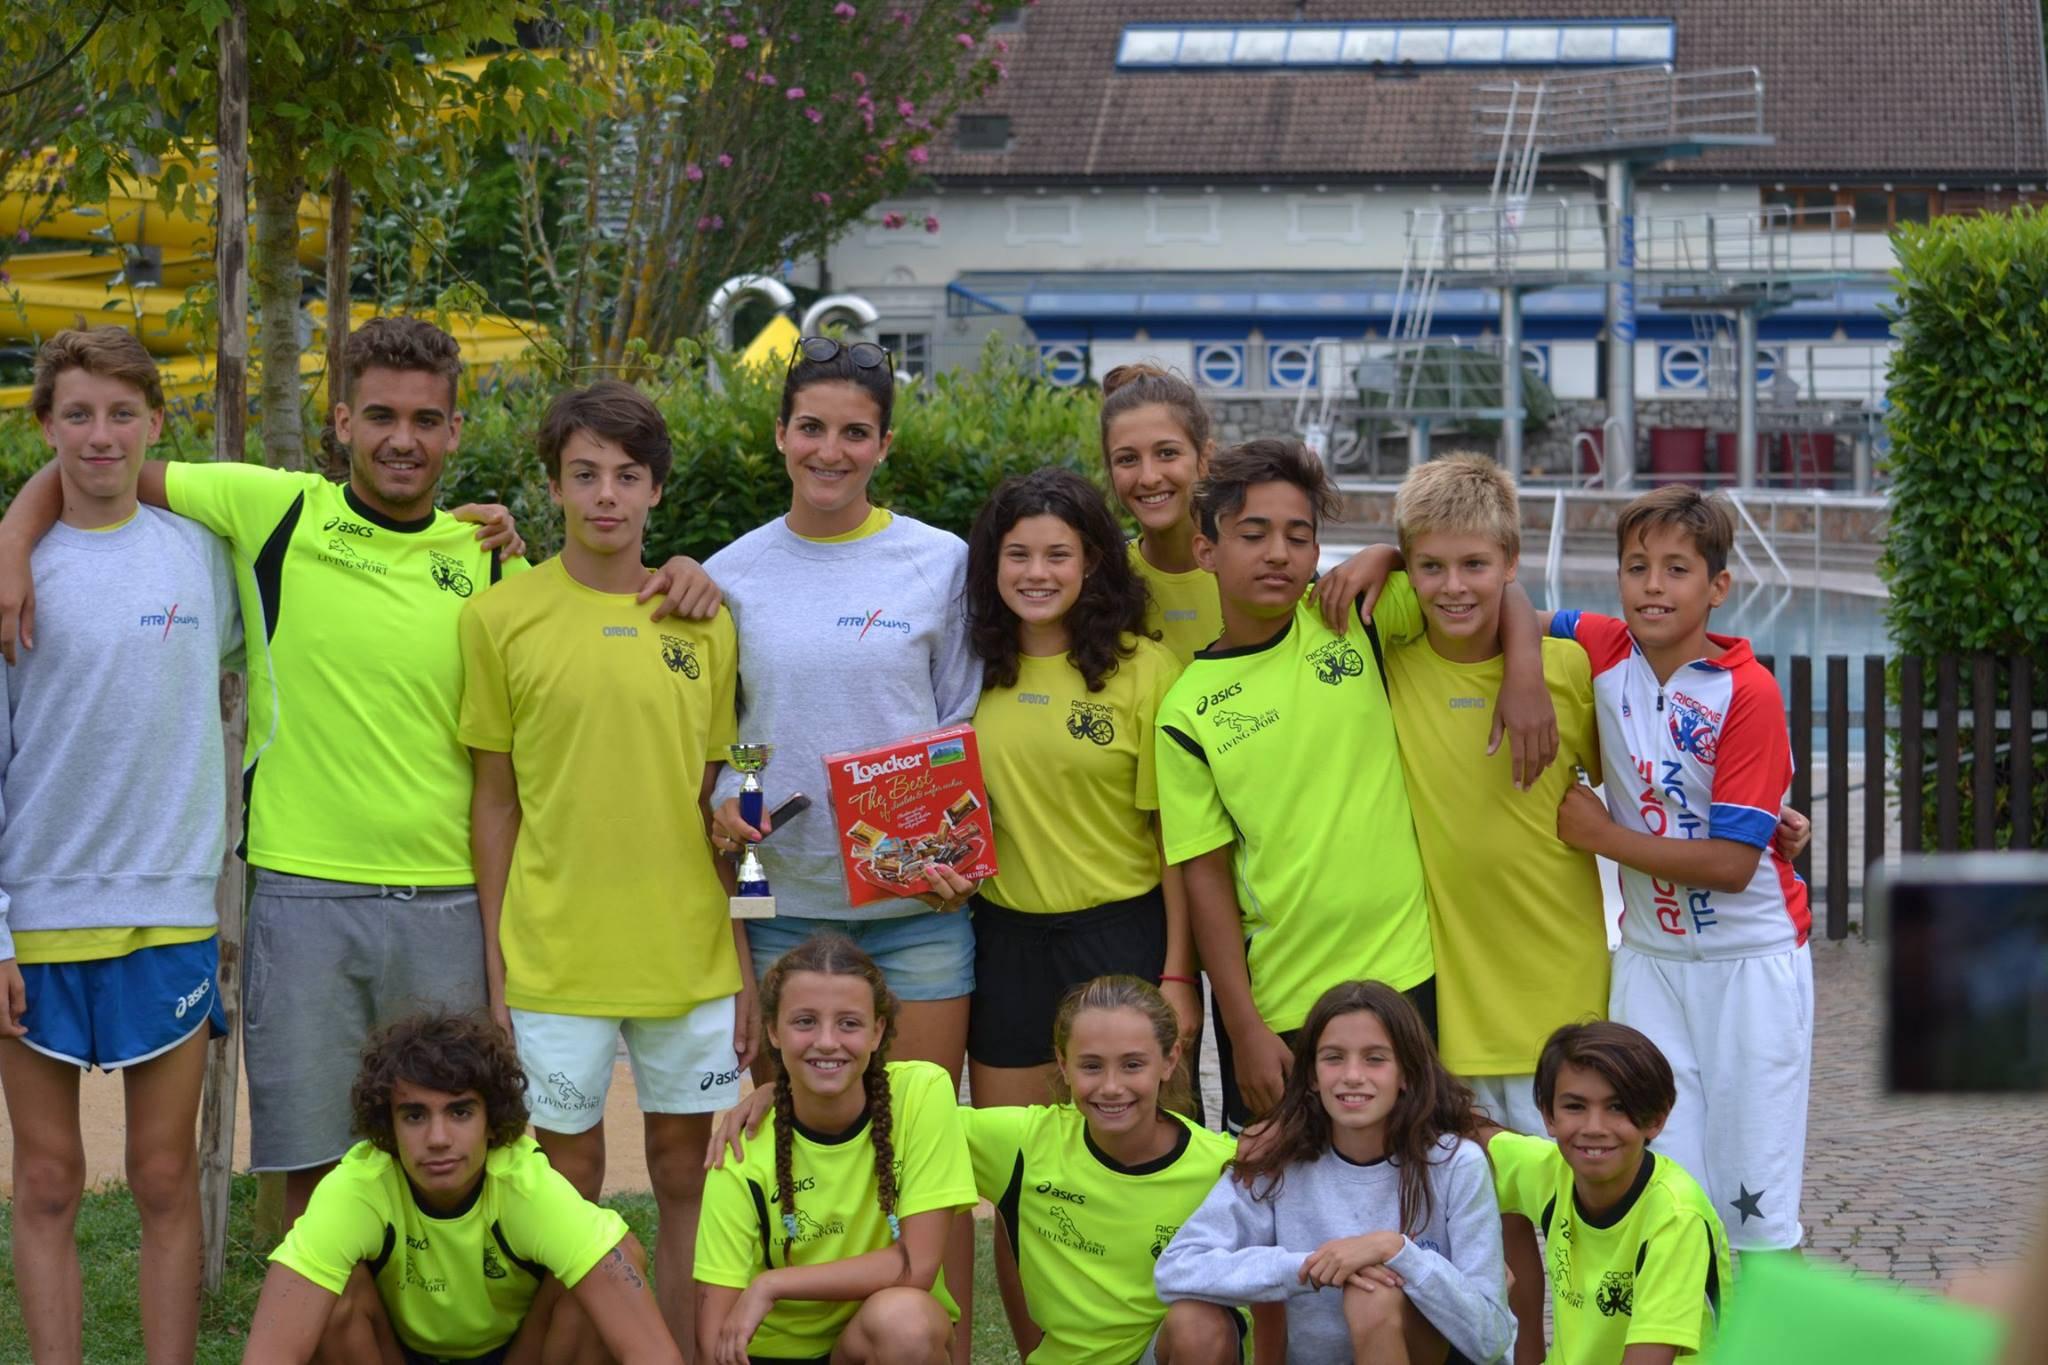 Domenica 18 settembre il 2° Triathlon Città di Riccione organizzato dalla sezione Triathlon della Polisportiva